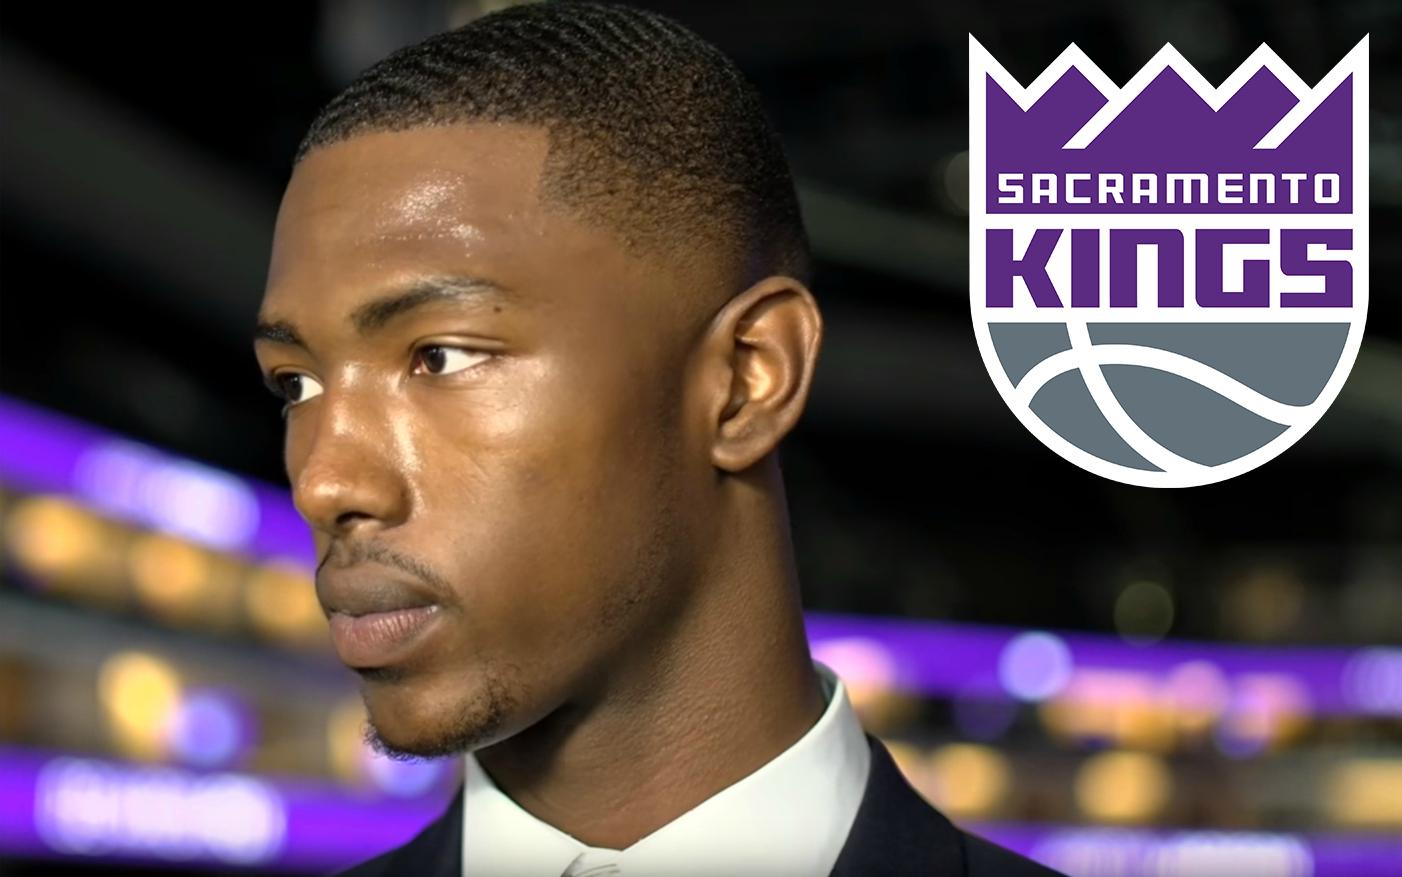 Les Kings ont-ils réussi le braquage de la Draft 2017 avec Harry Giles ?